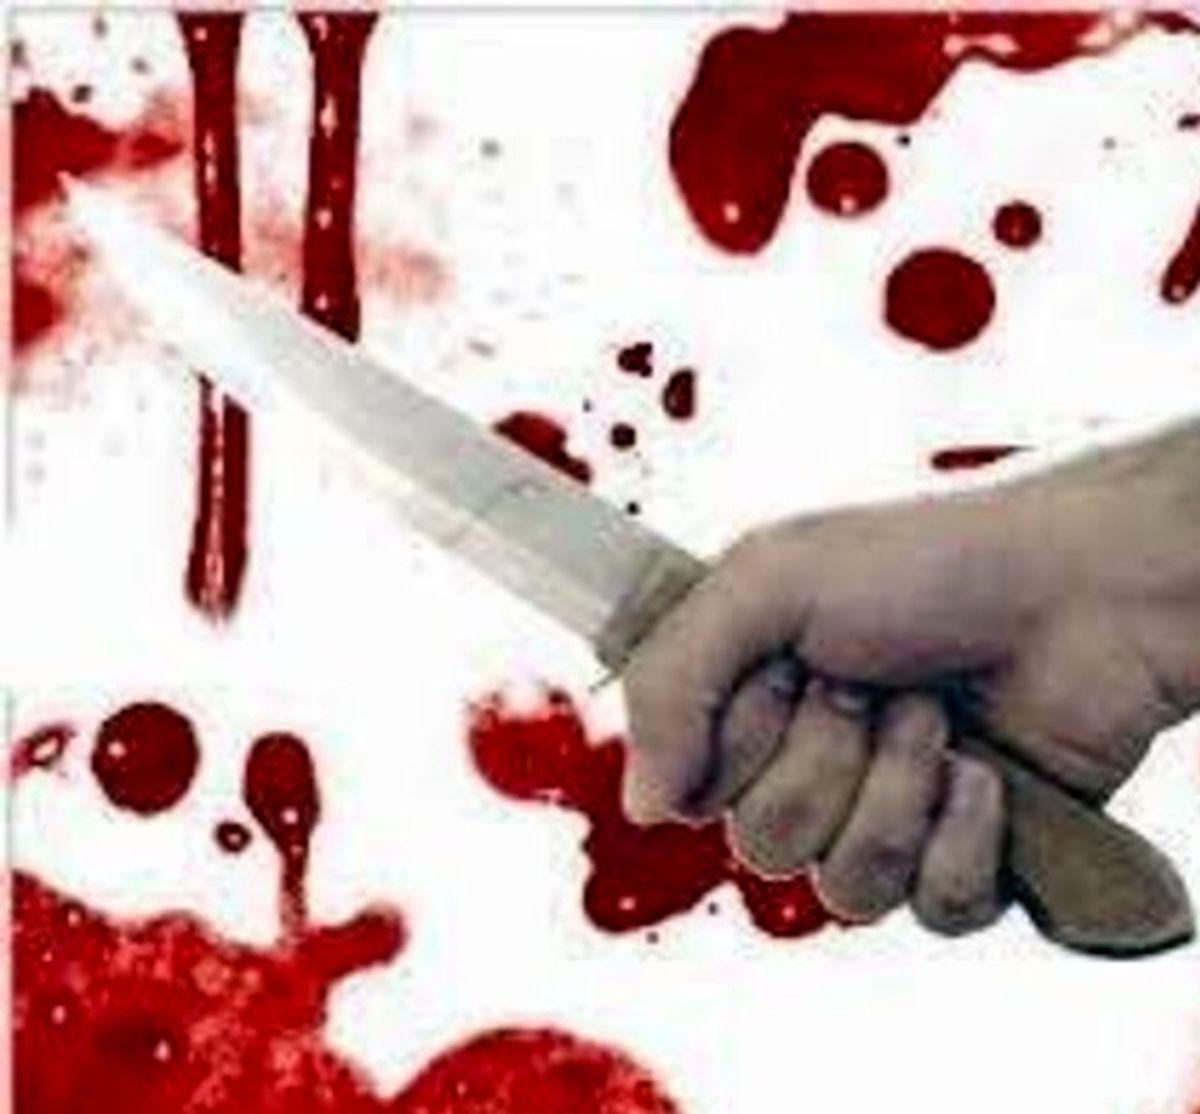 اختلافات خانوادگی منجر به قتل شد